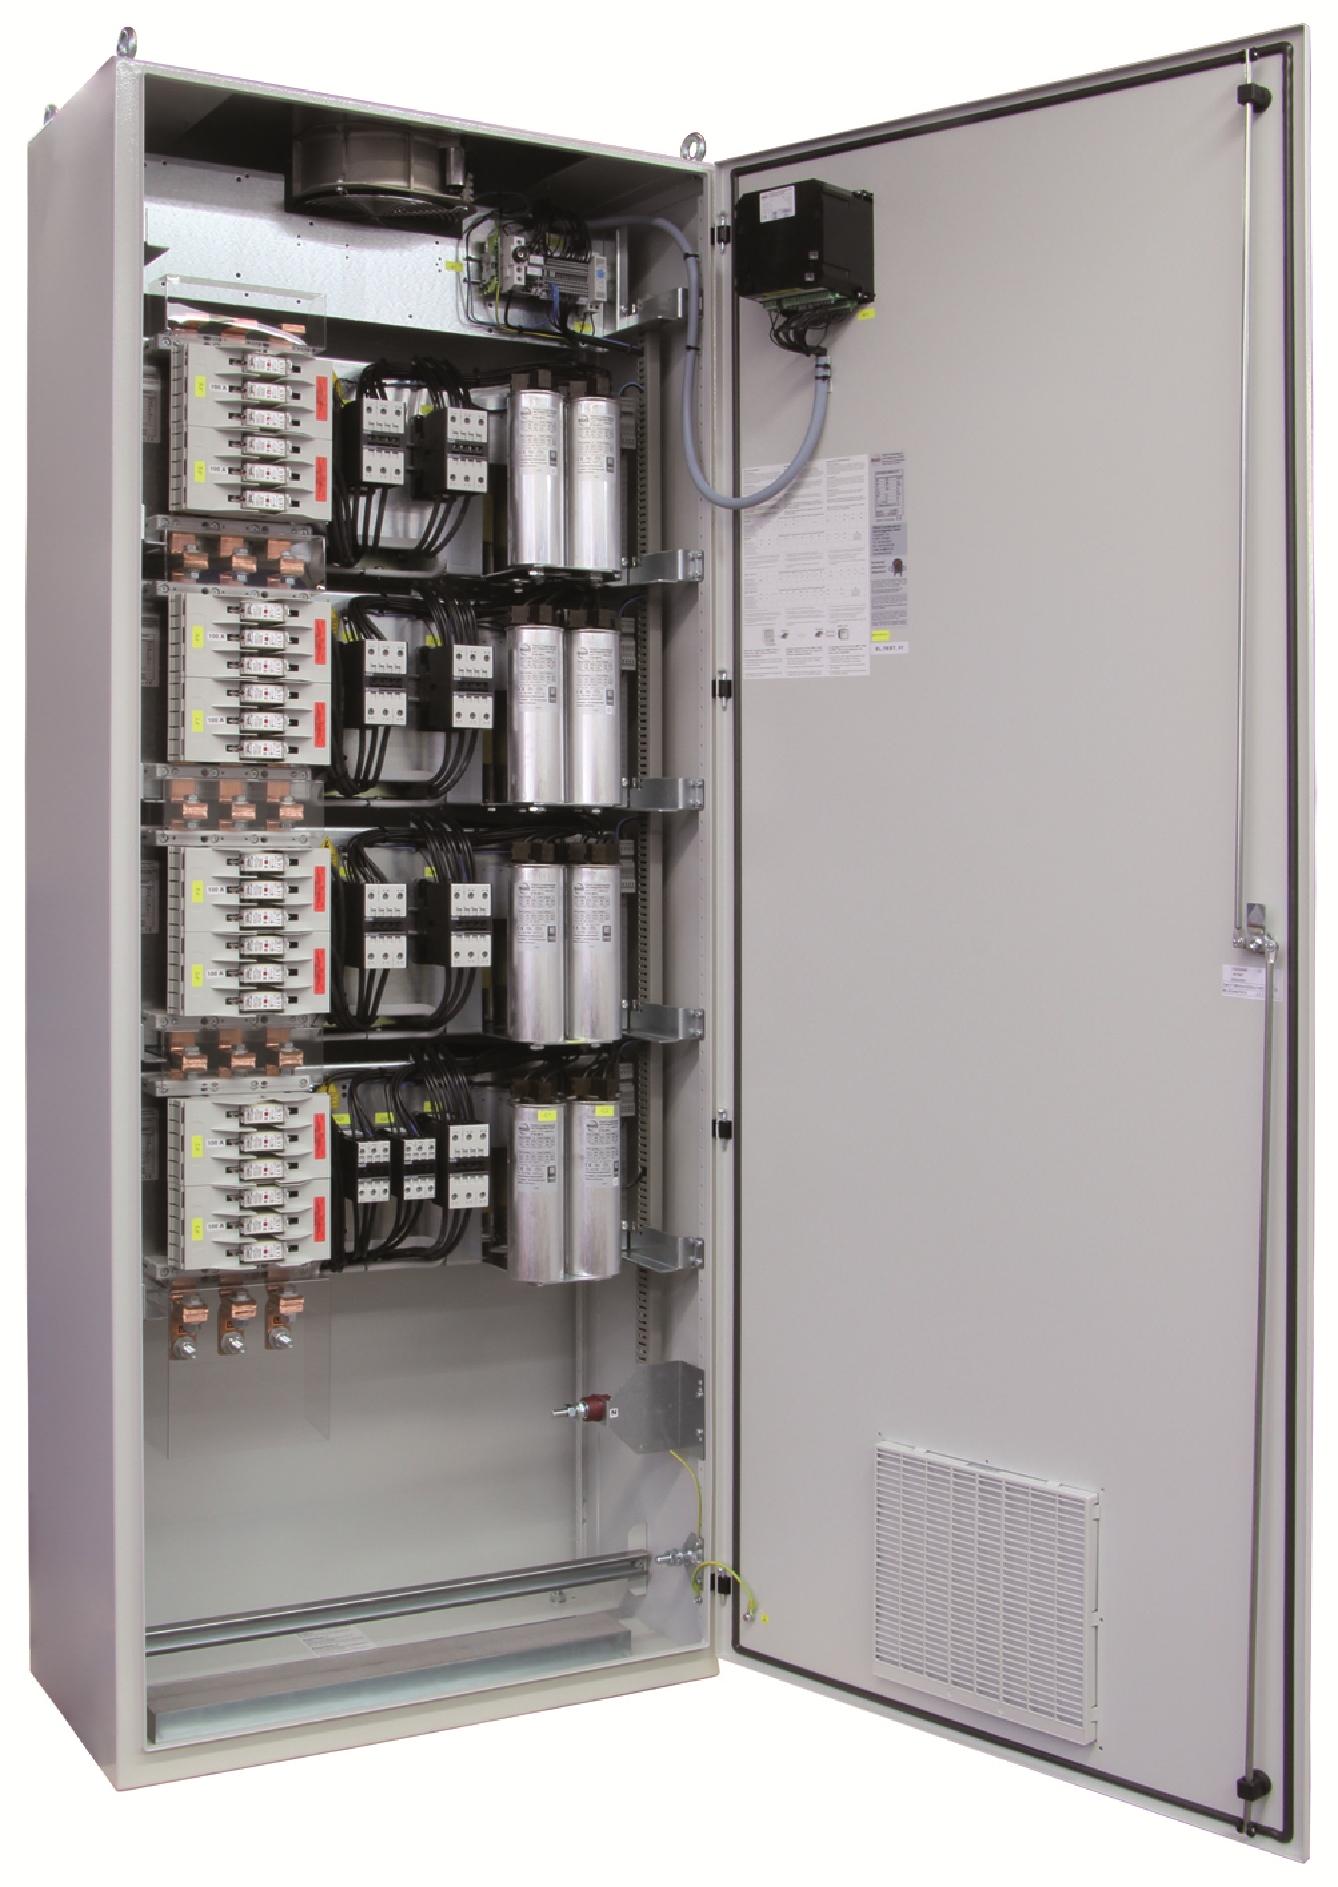 1 Stk Kompensation LSFC 14% 250/25kvar 800x2110x500mm FR3422639-